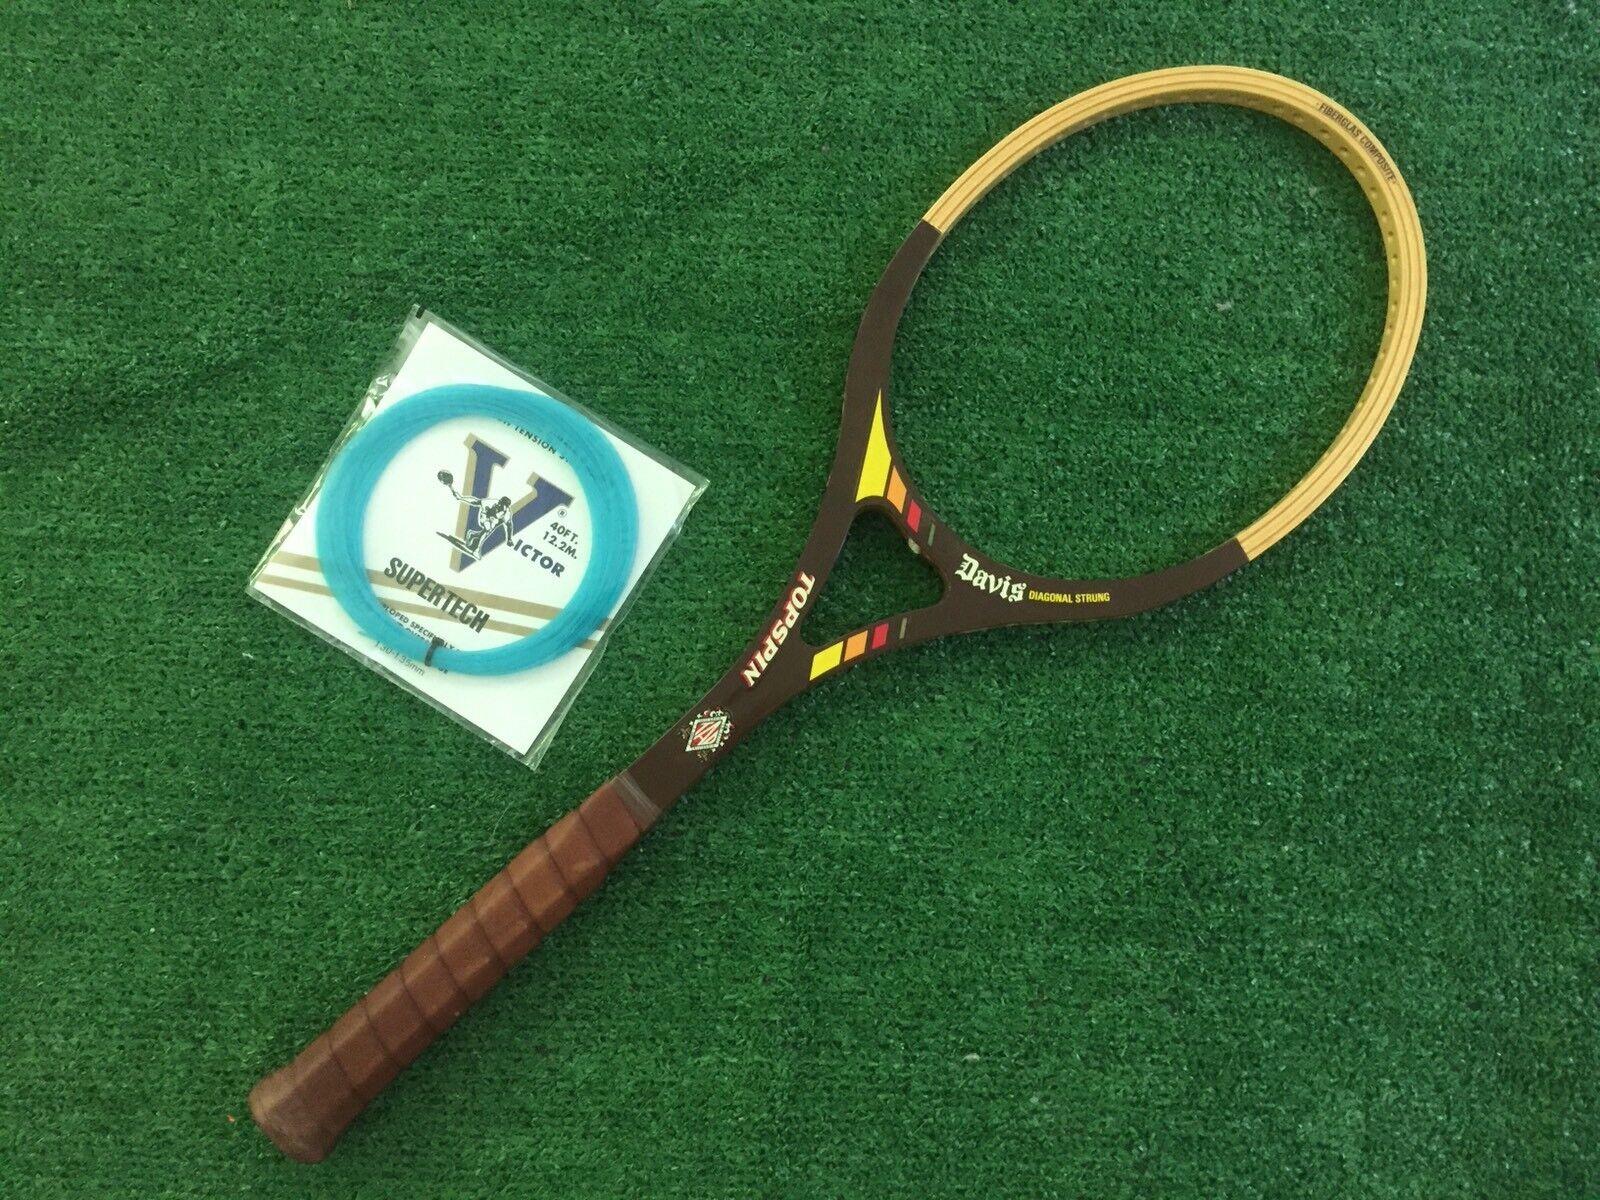 Pantalla de Davis Topspin diagonal Madera Tenis Tenis Tenis Raqueta De Madera Vintage 4 1 2 Nuevo 000402